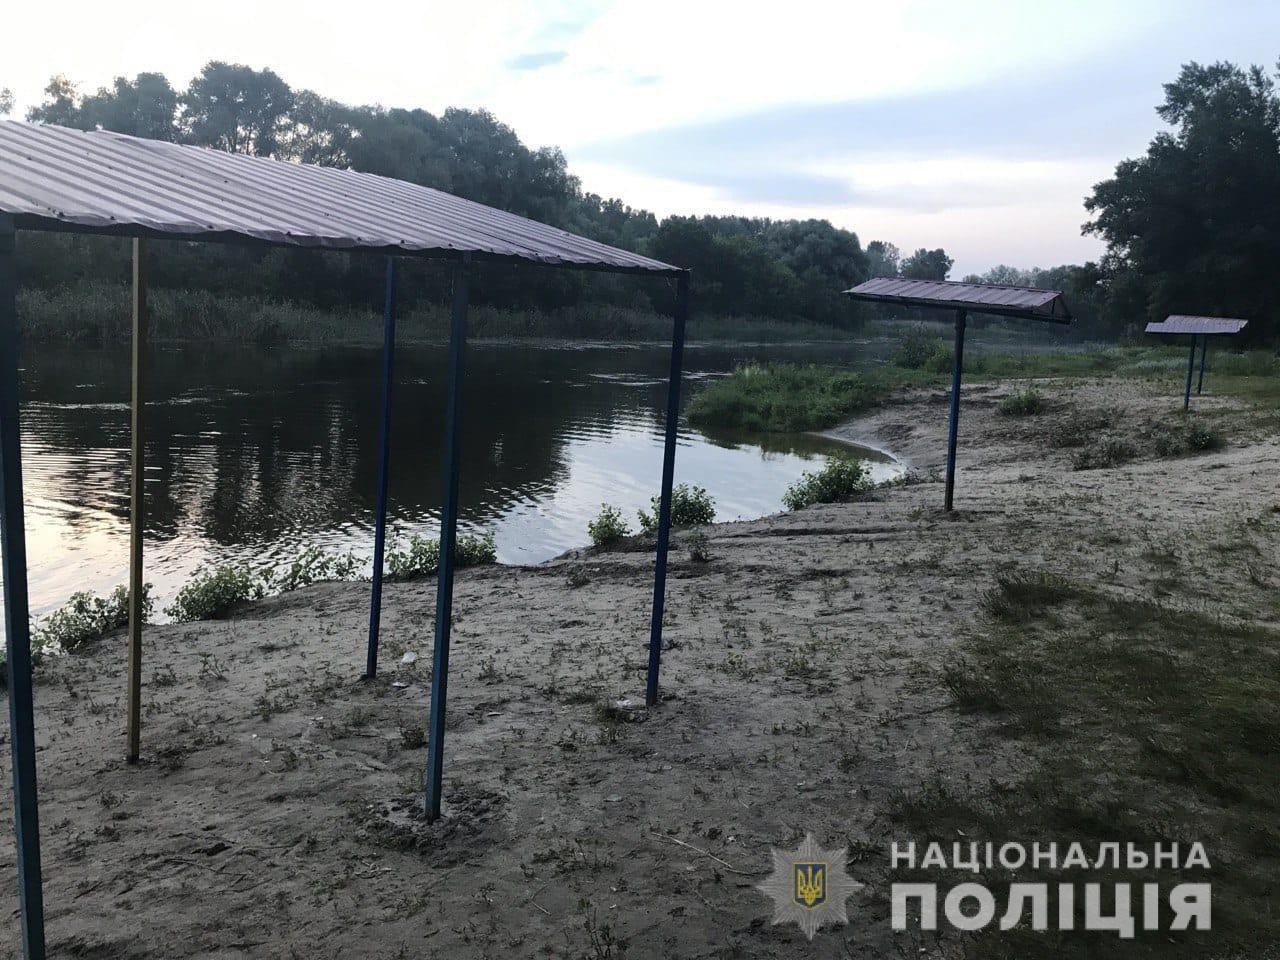 На реке Северский Донец утонул 4-летний мальчик. Трагедия произошла в Изюмском районе Харьковской области.